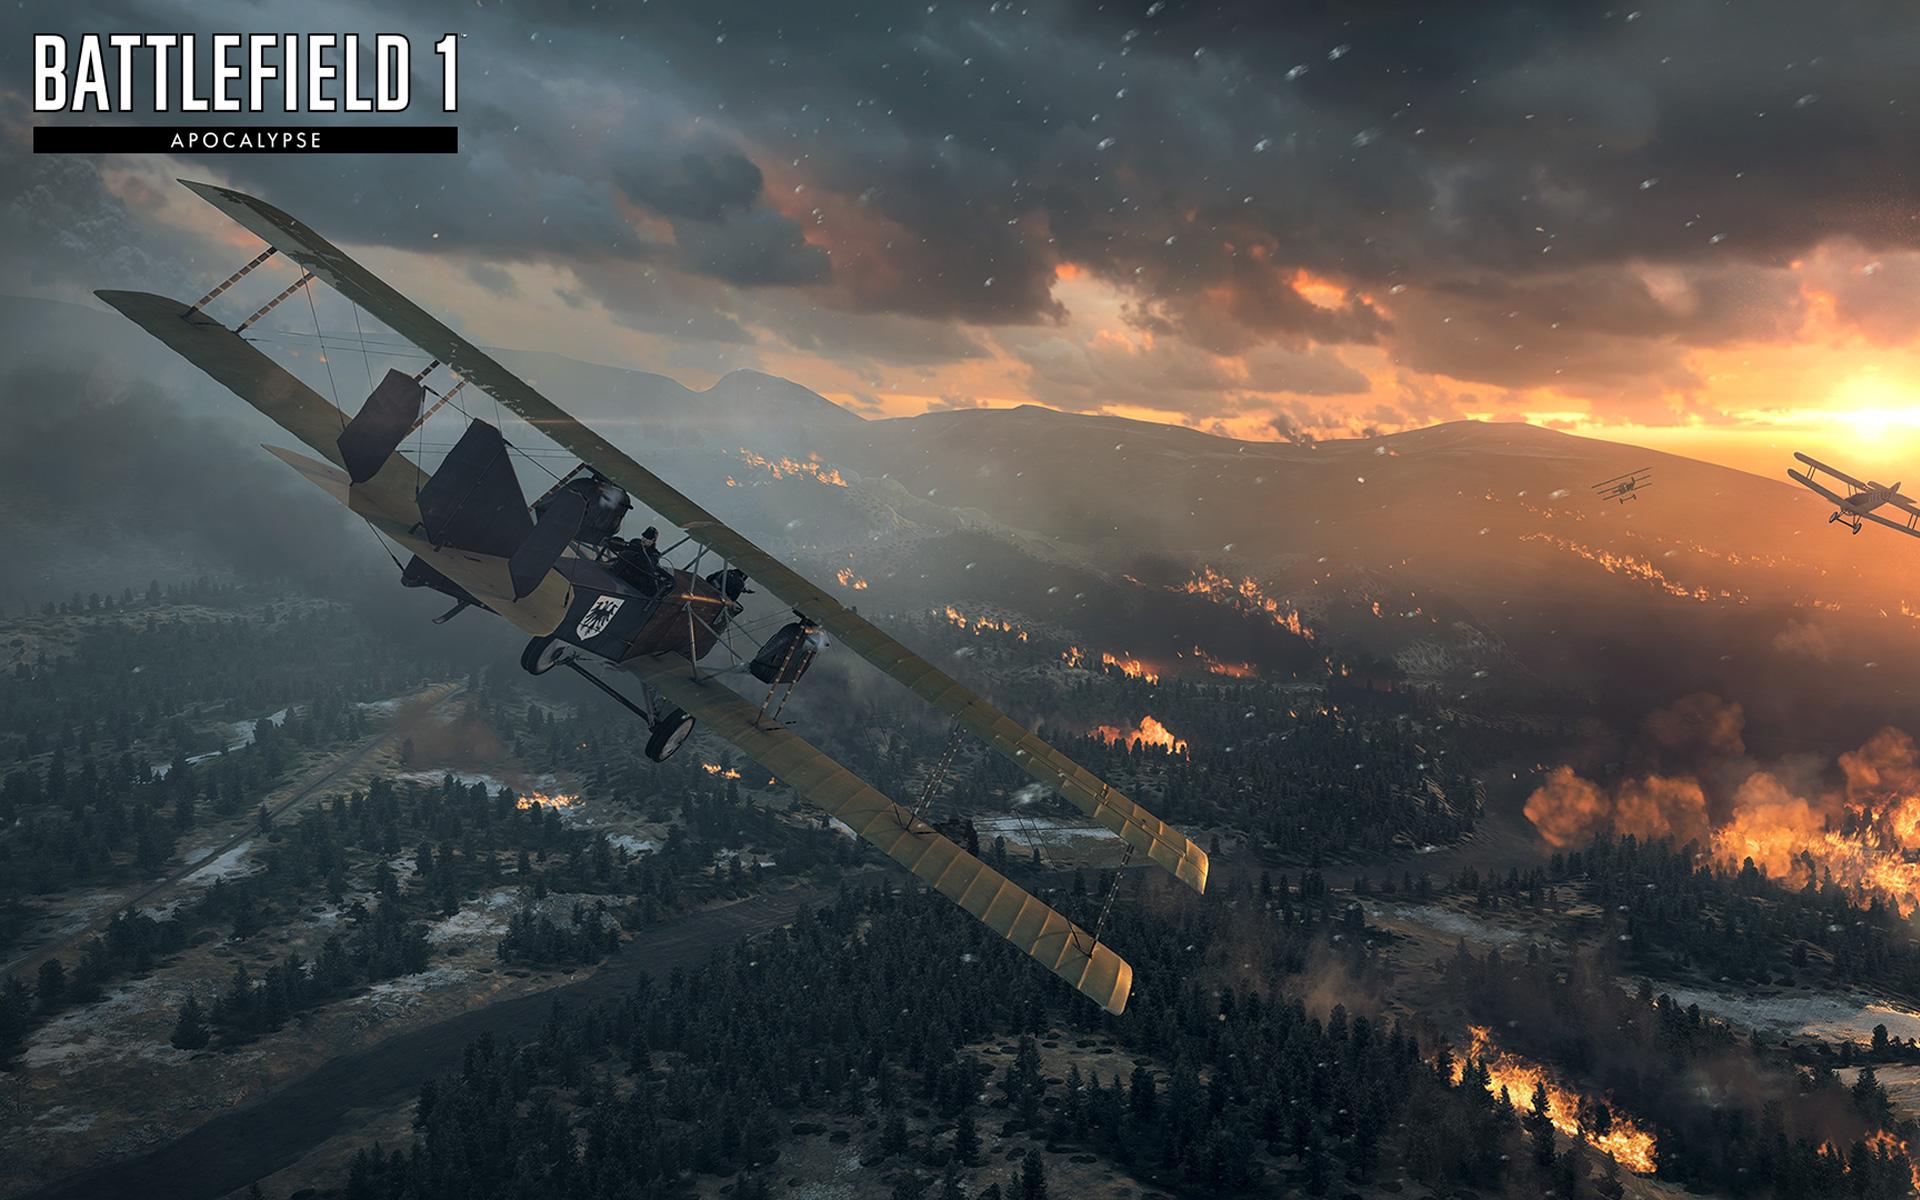 Free Battlefield 1 Wallpaper in 1920x1200